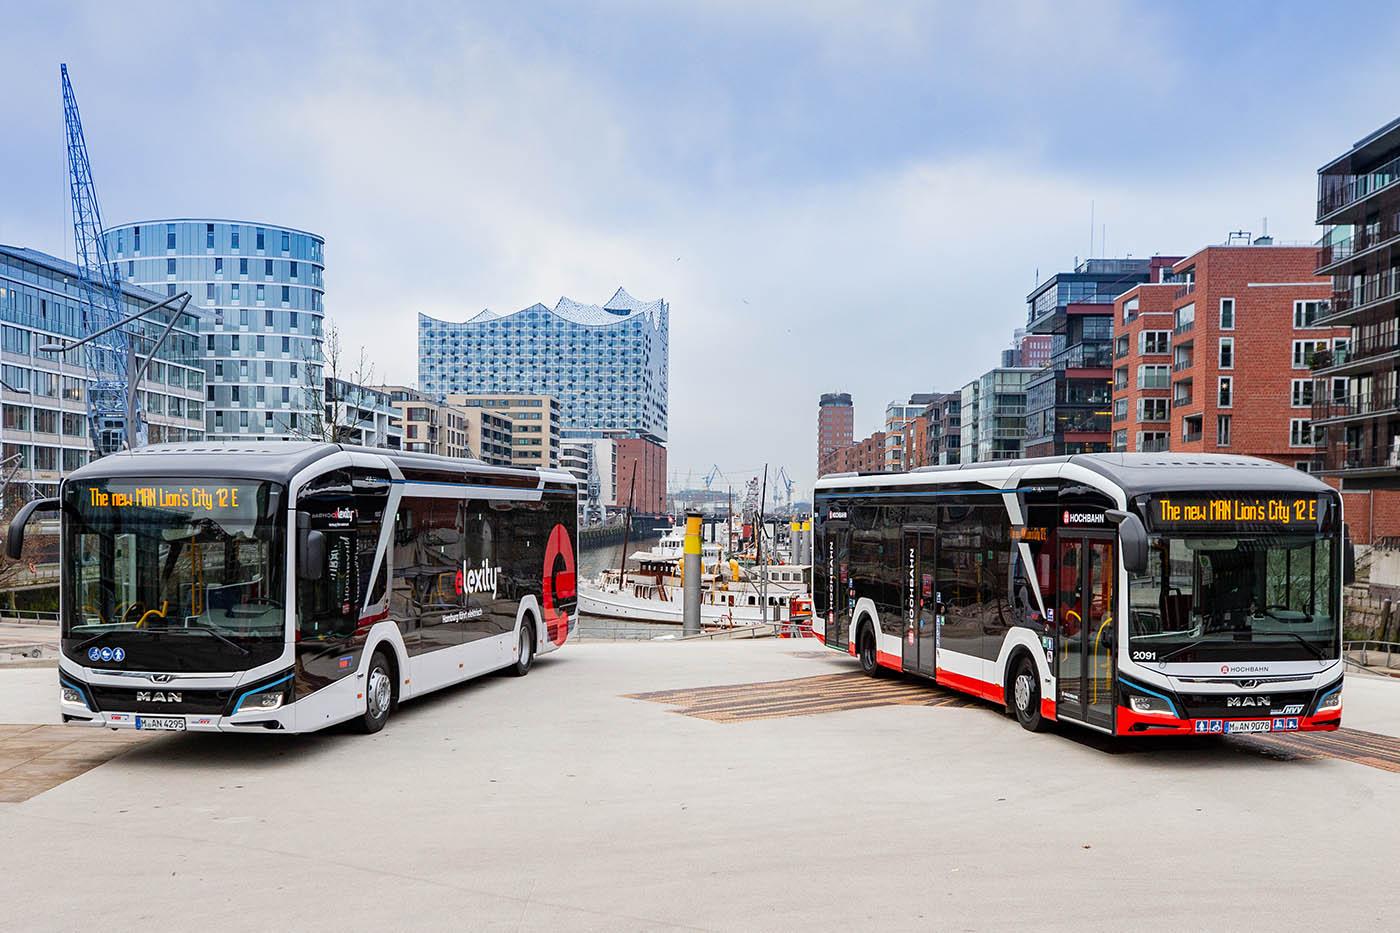 Orașul Hamburg operează primele două autobuze electrice MAN Lion's City E